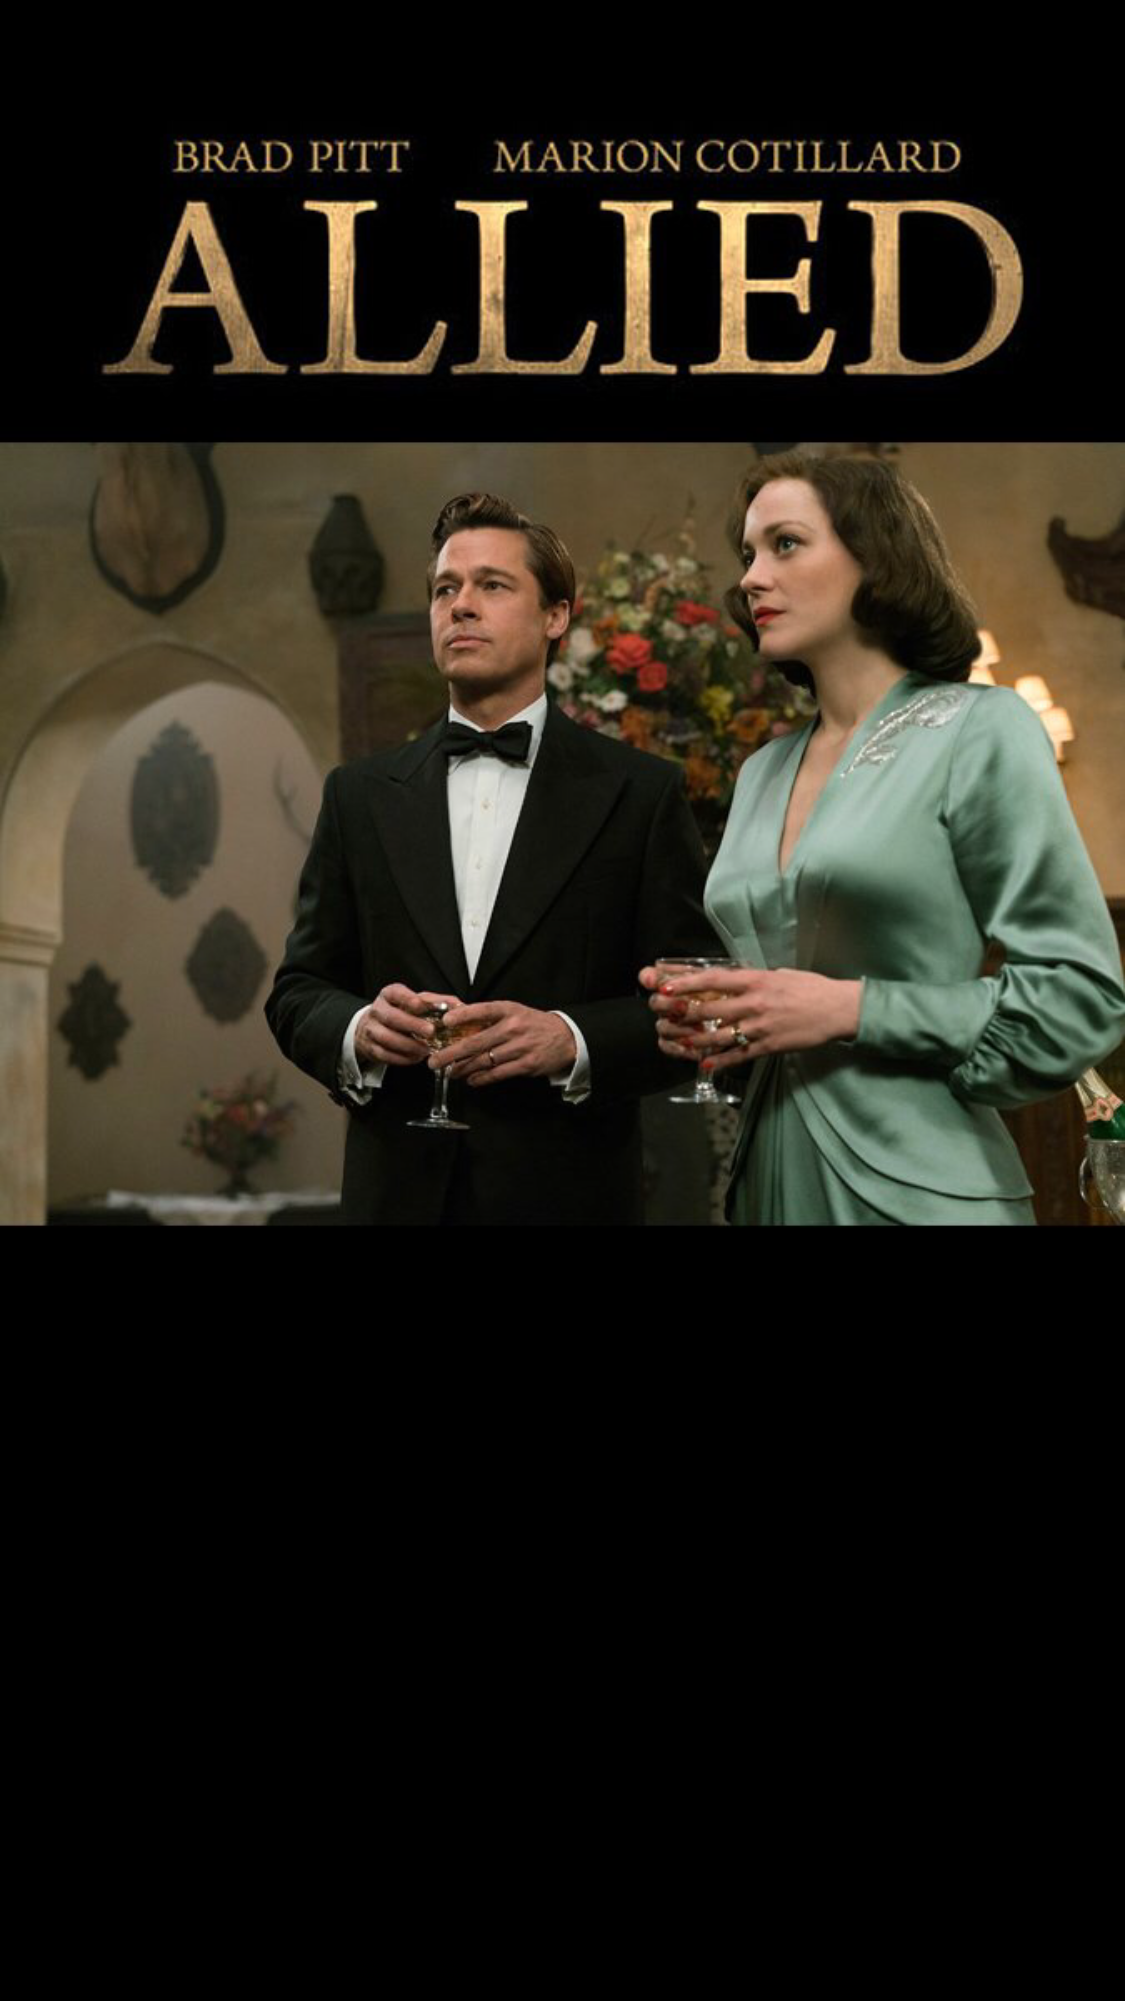 ตัวอย่าง Allied หนังใหม่ของ Brad Pitt